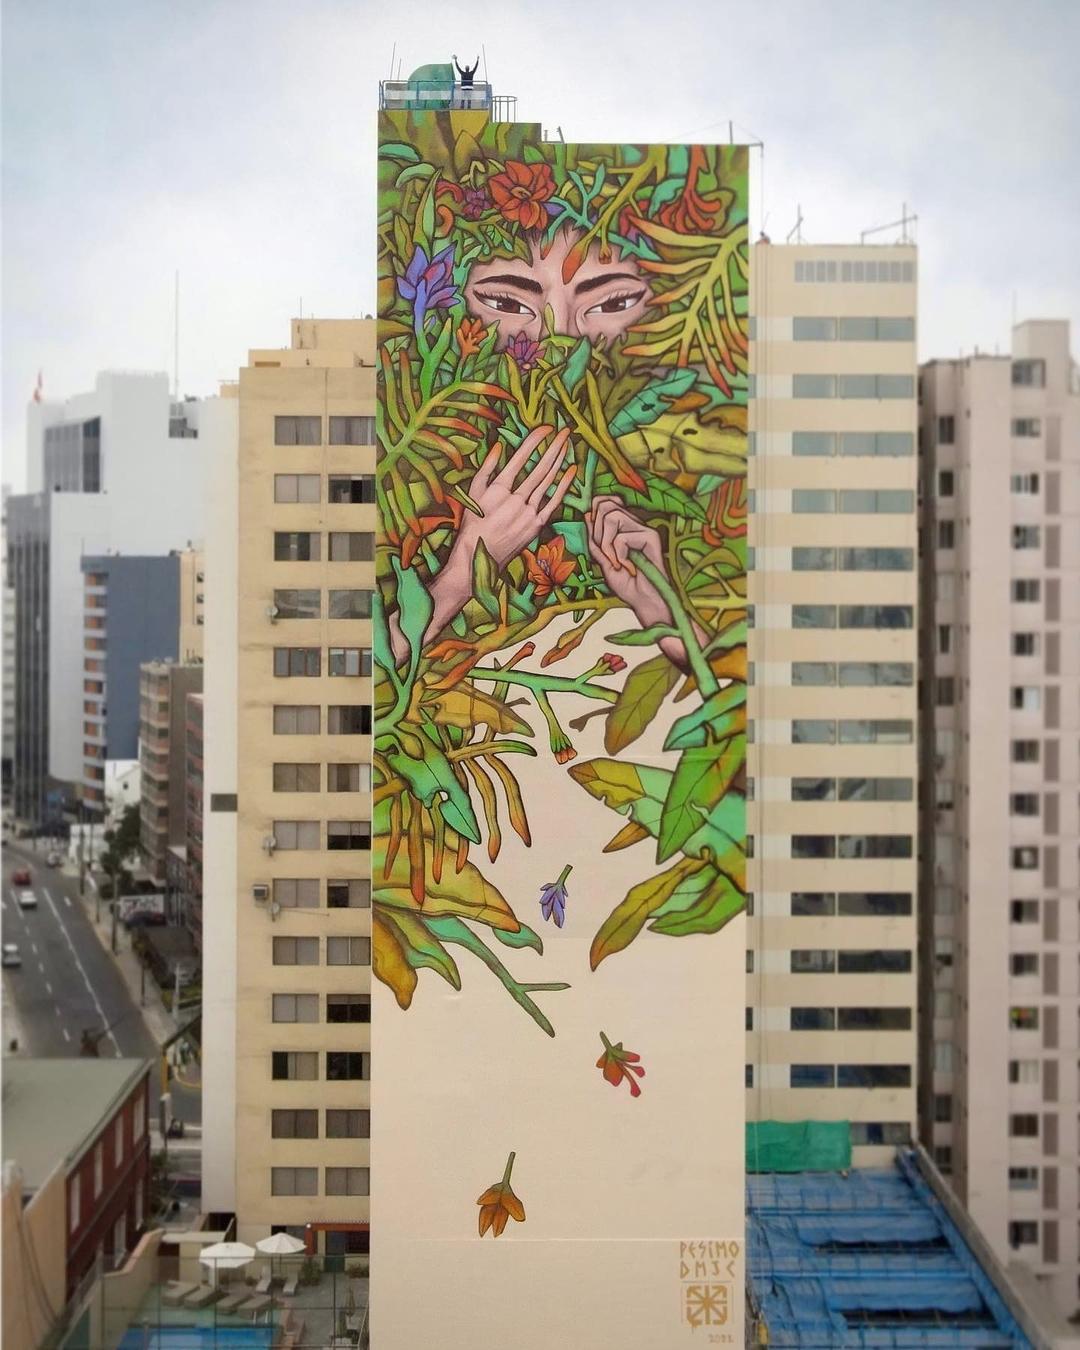 Pesimo @ Lima, Peru